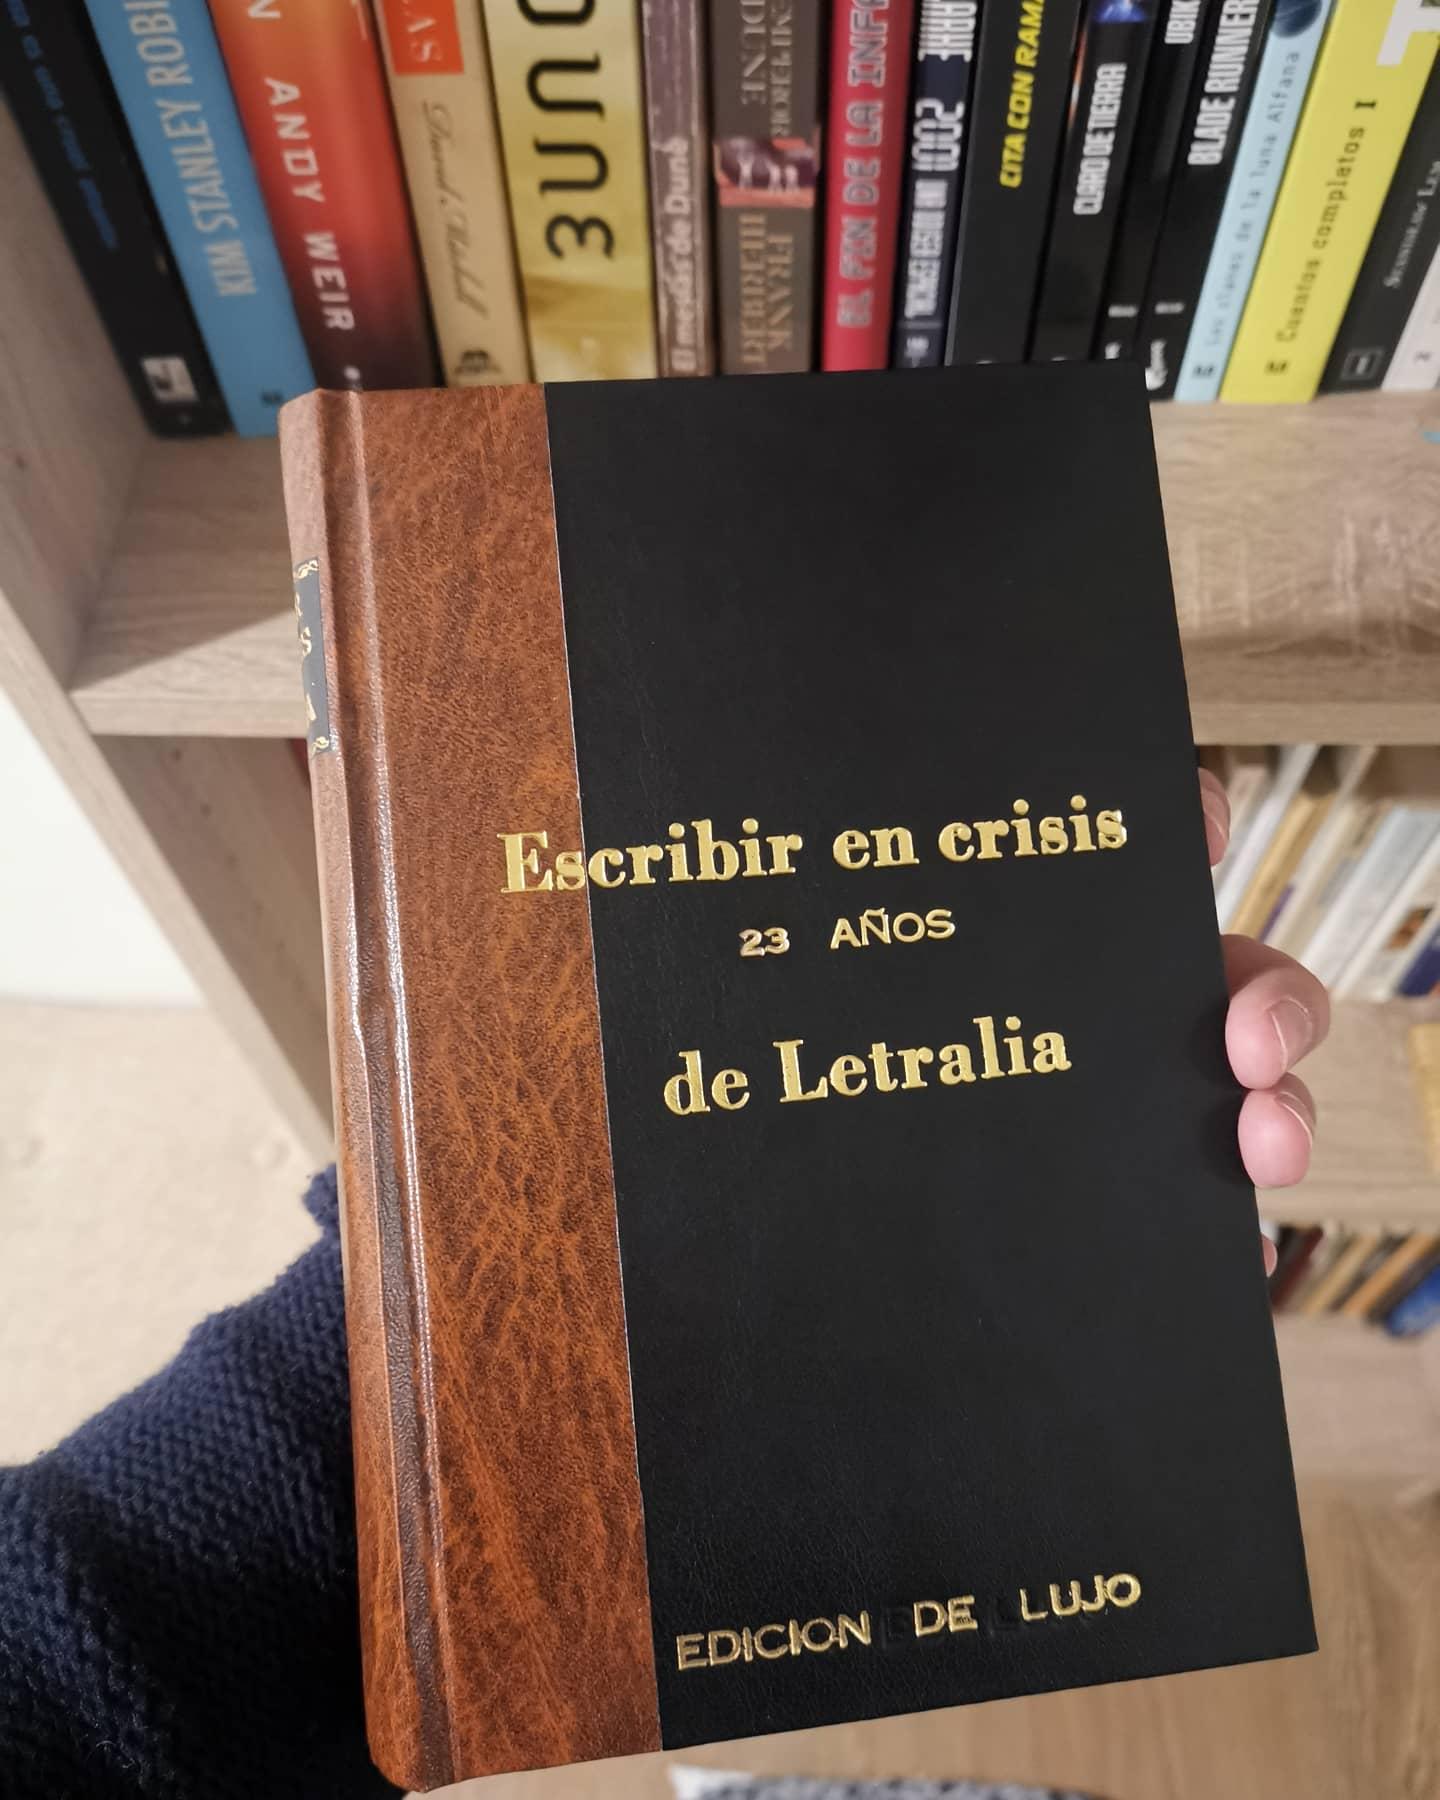 Escribir en crisis Leo2